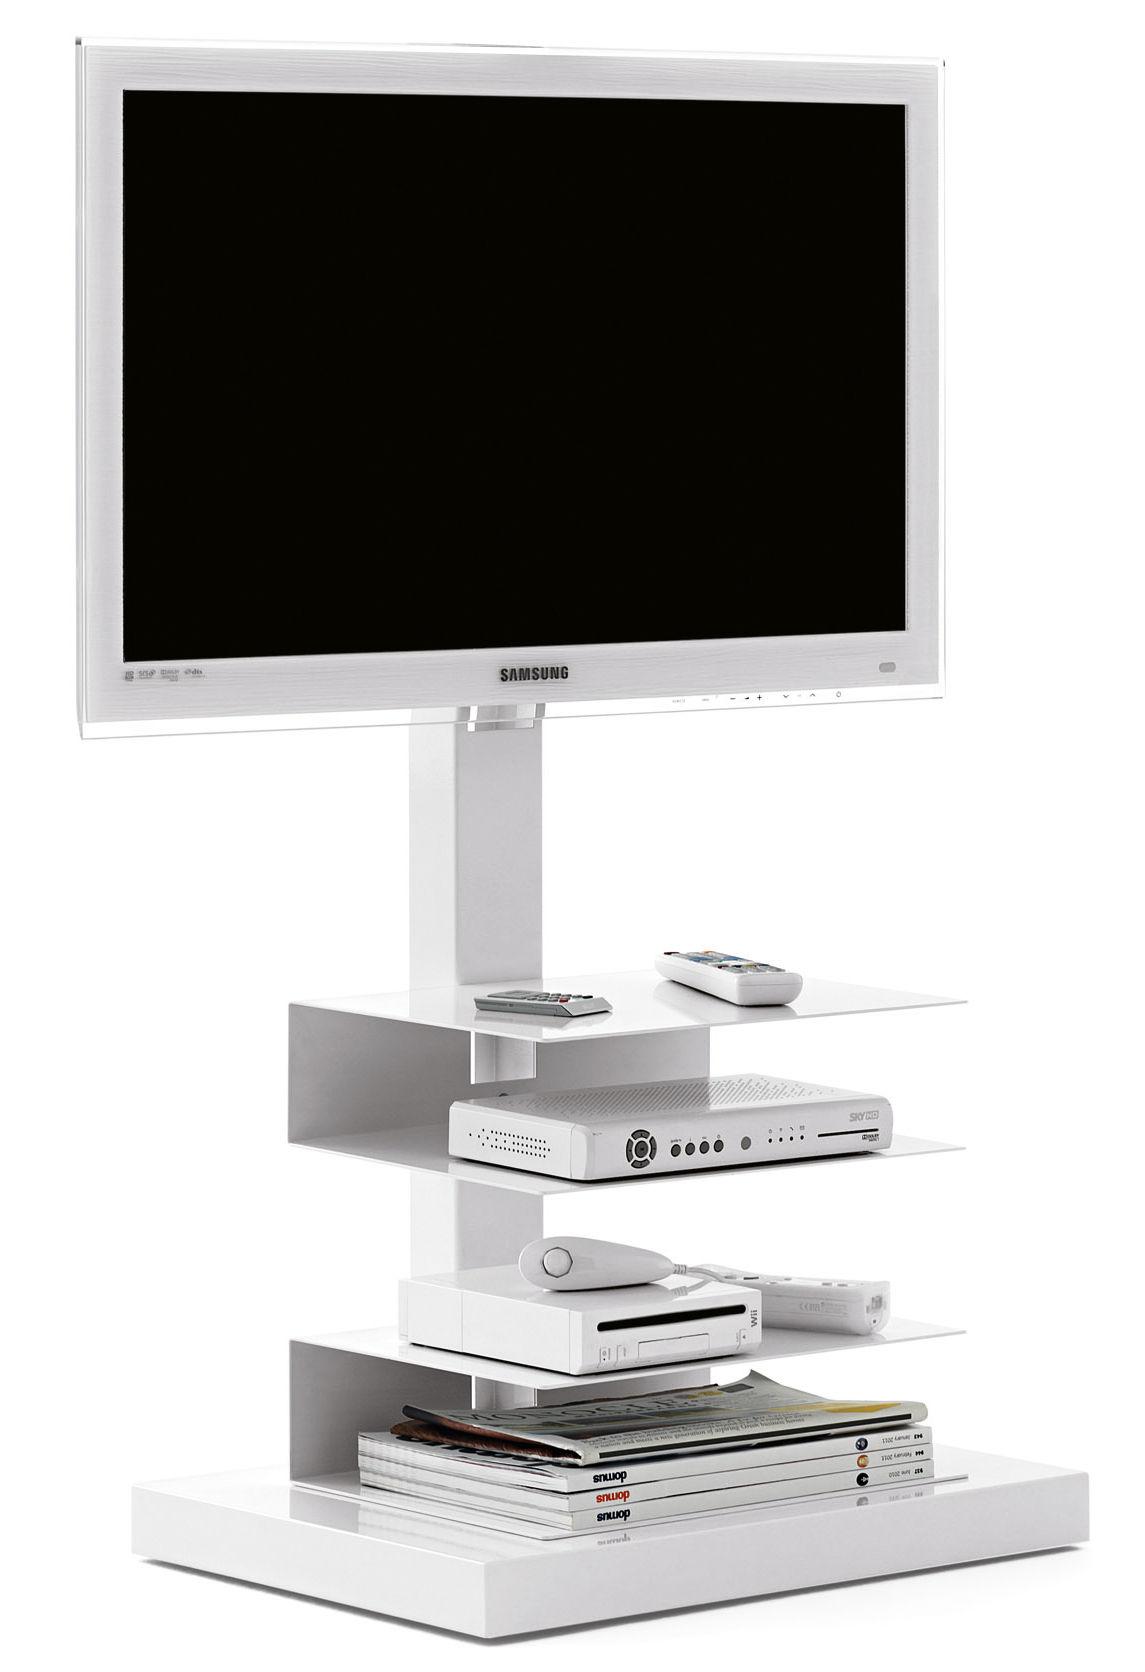 meuble tv ptolomeo pour cran de 20 42 pouces blanc. Black Bedroom Furniture Sets. Home Design Ideas